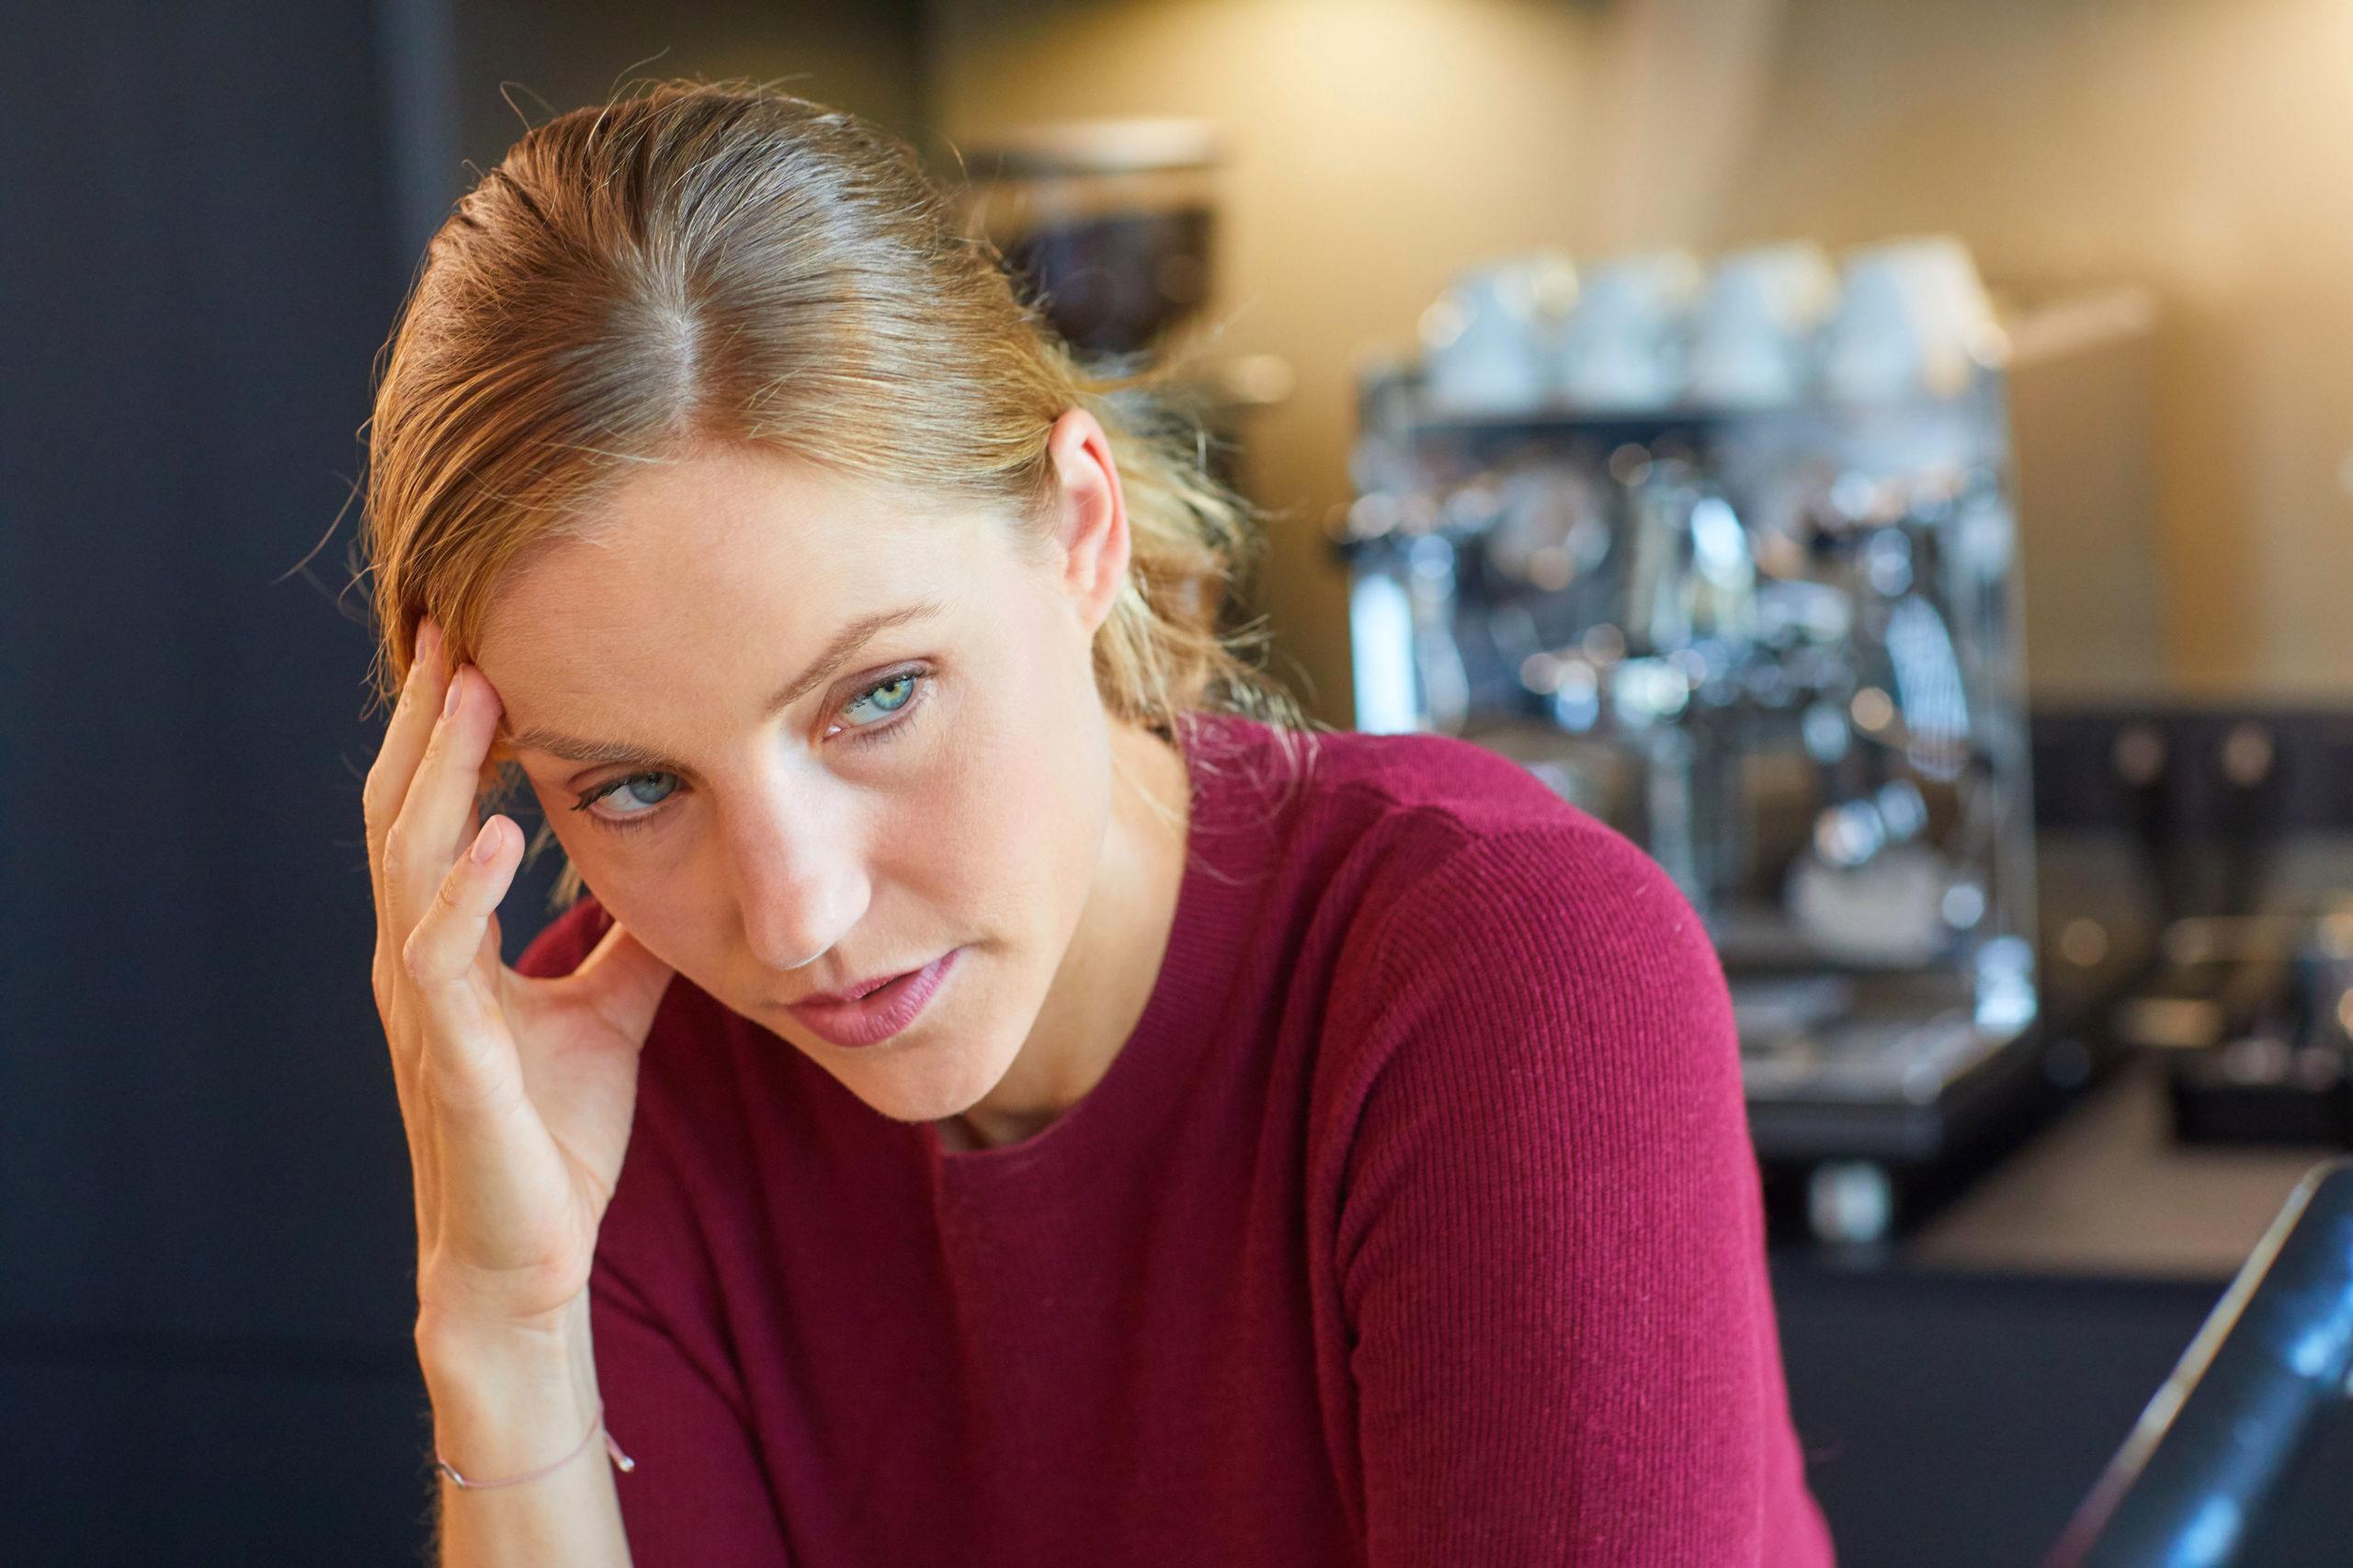 Gestresste Frau-Stressresistenz 7 Tipps für mehr Gelassenheit im Alltag